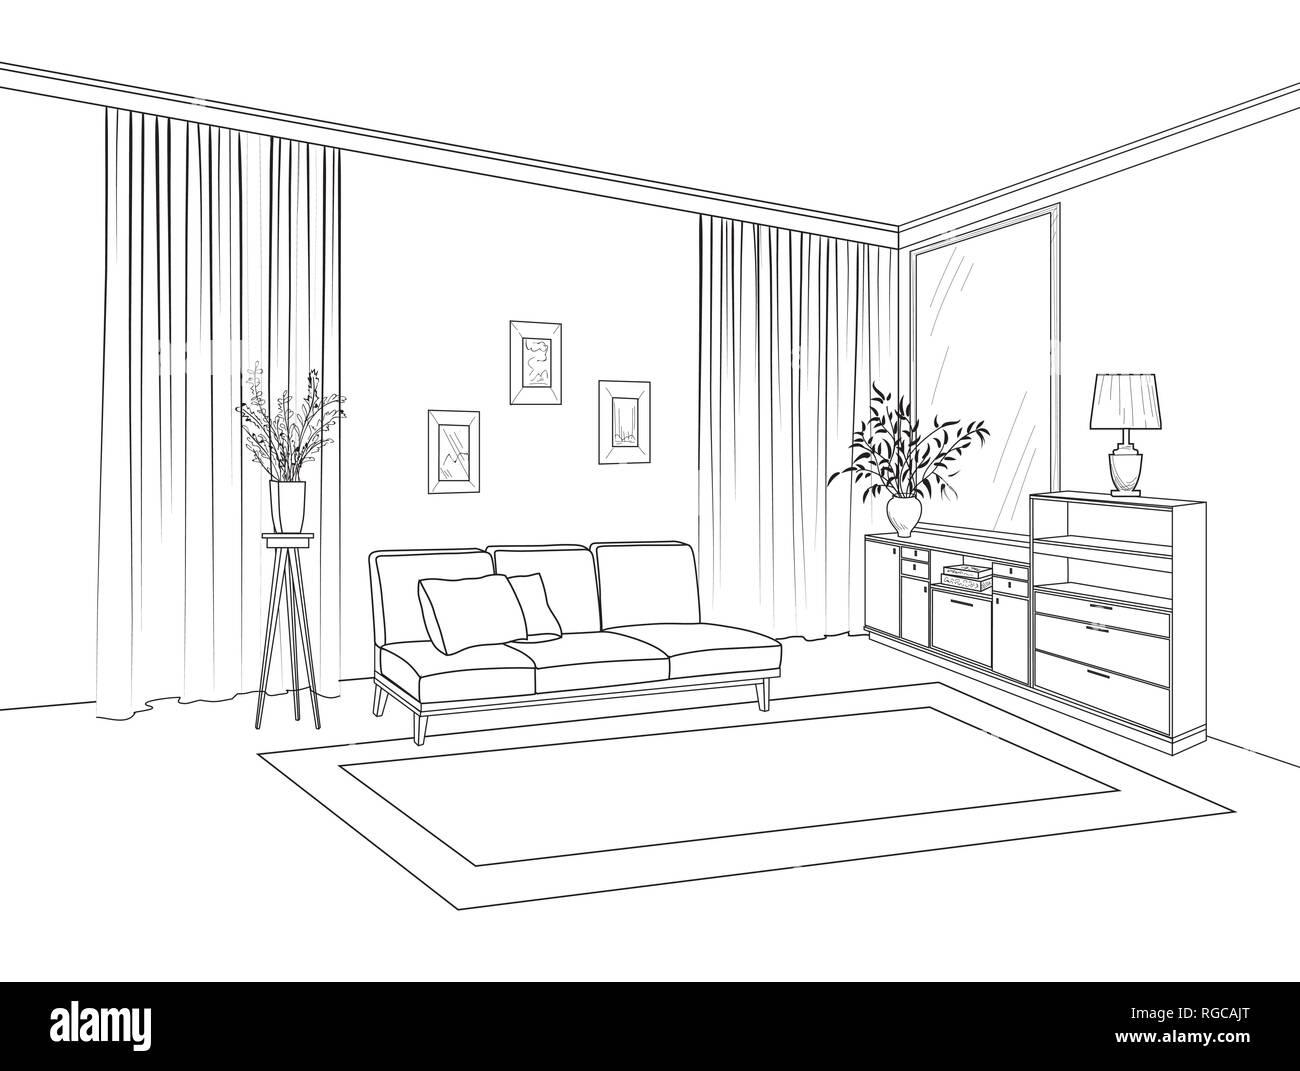 Home soggiorno interno schizzo di contorno di mobili con for Disegno casa interno